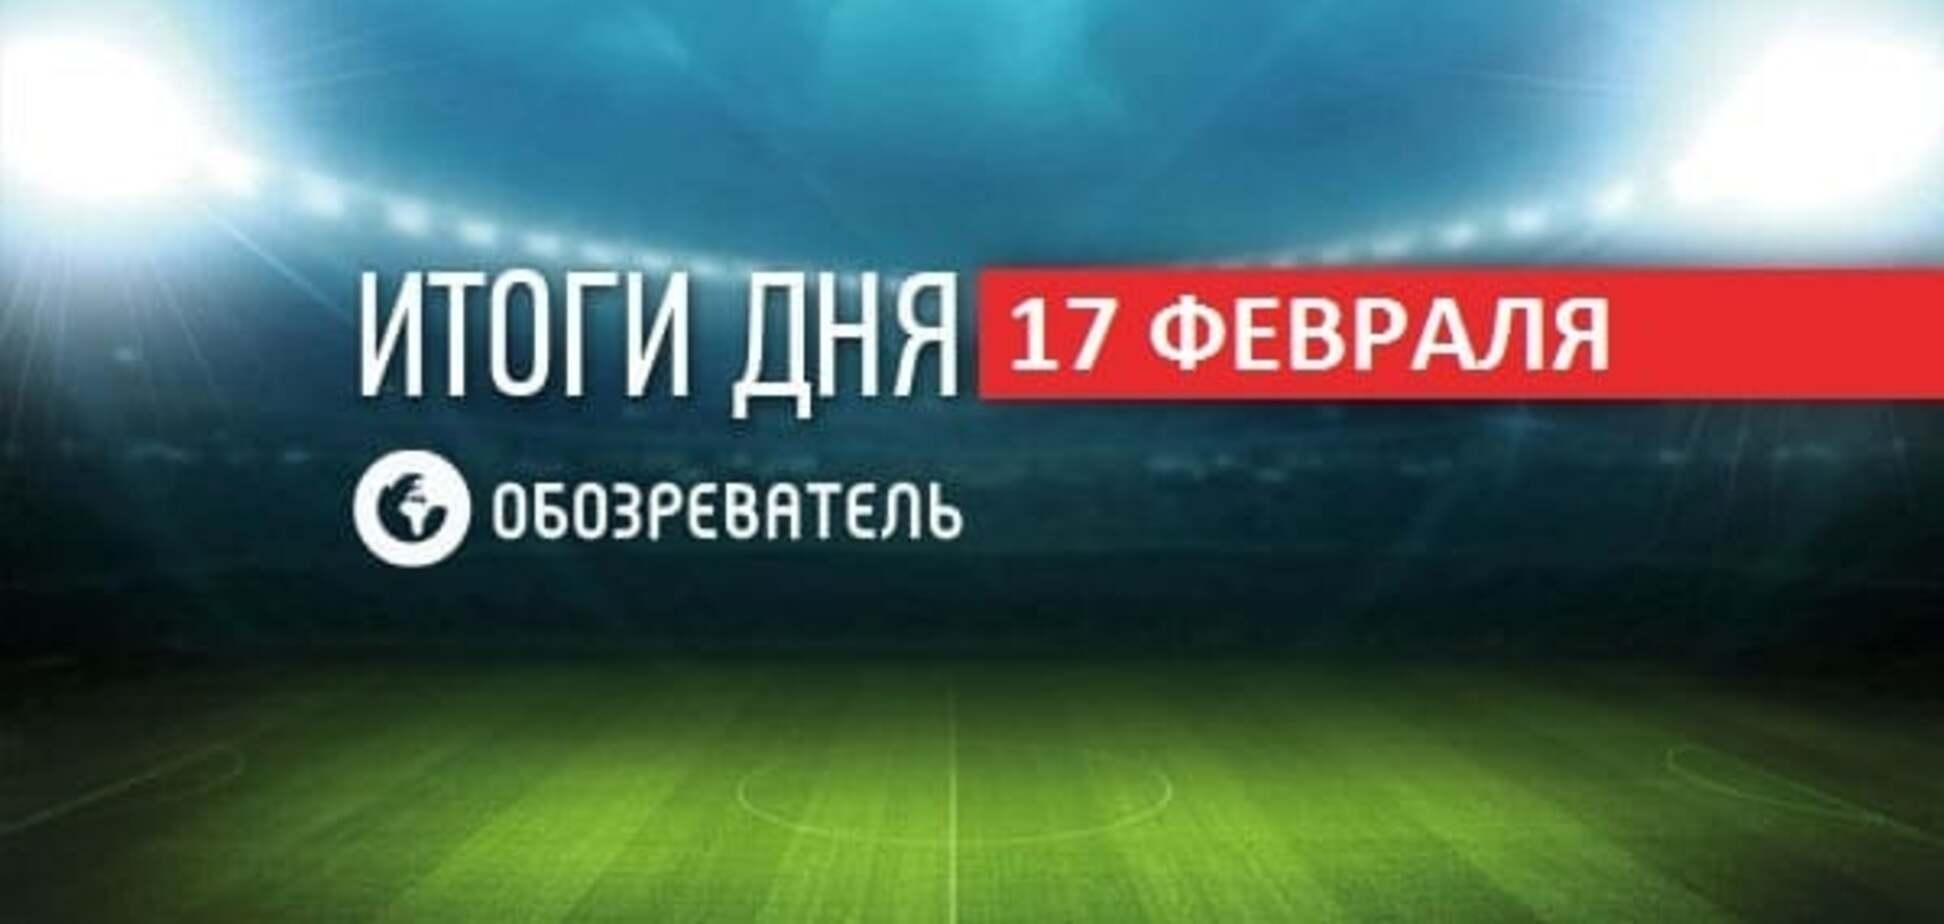 Путинский позор футболиста сборной России. Спортивные итоги 17 февраля